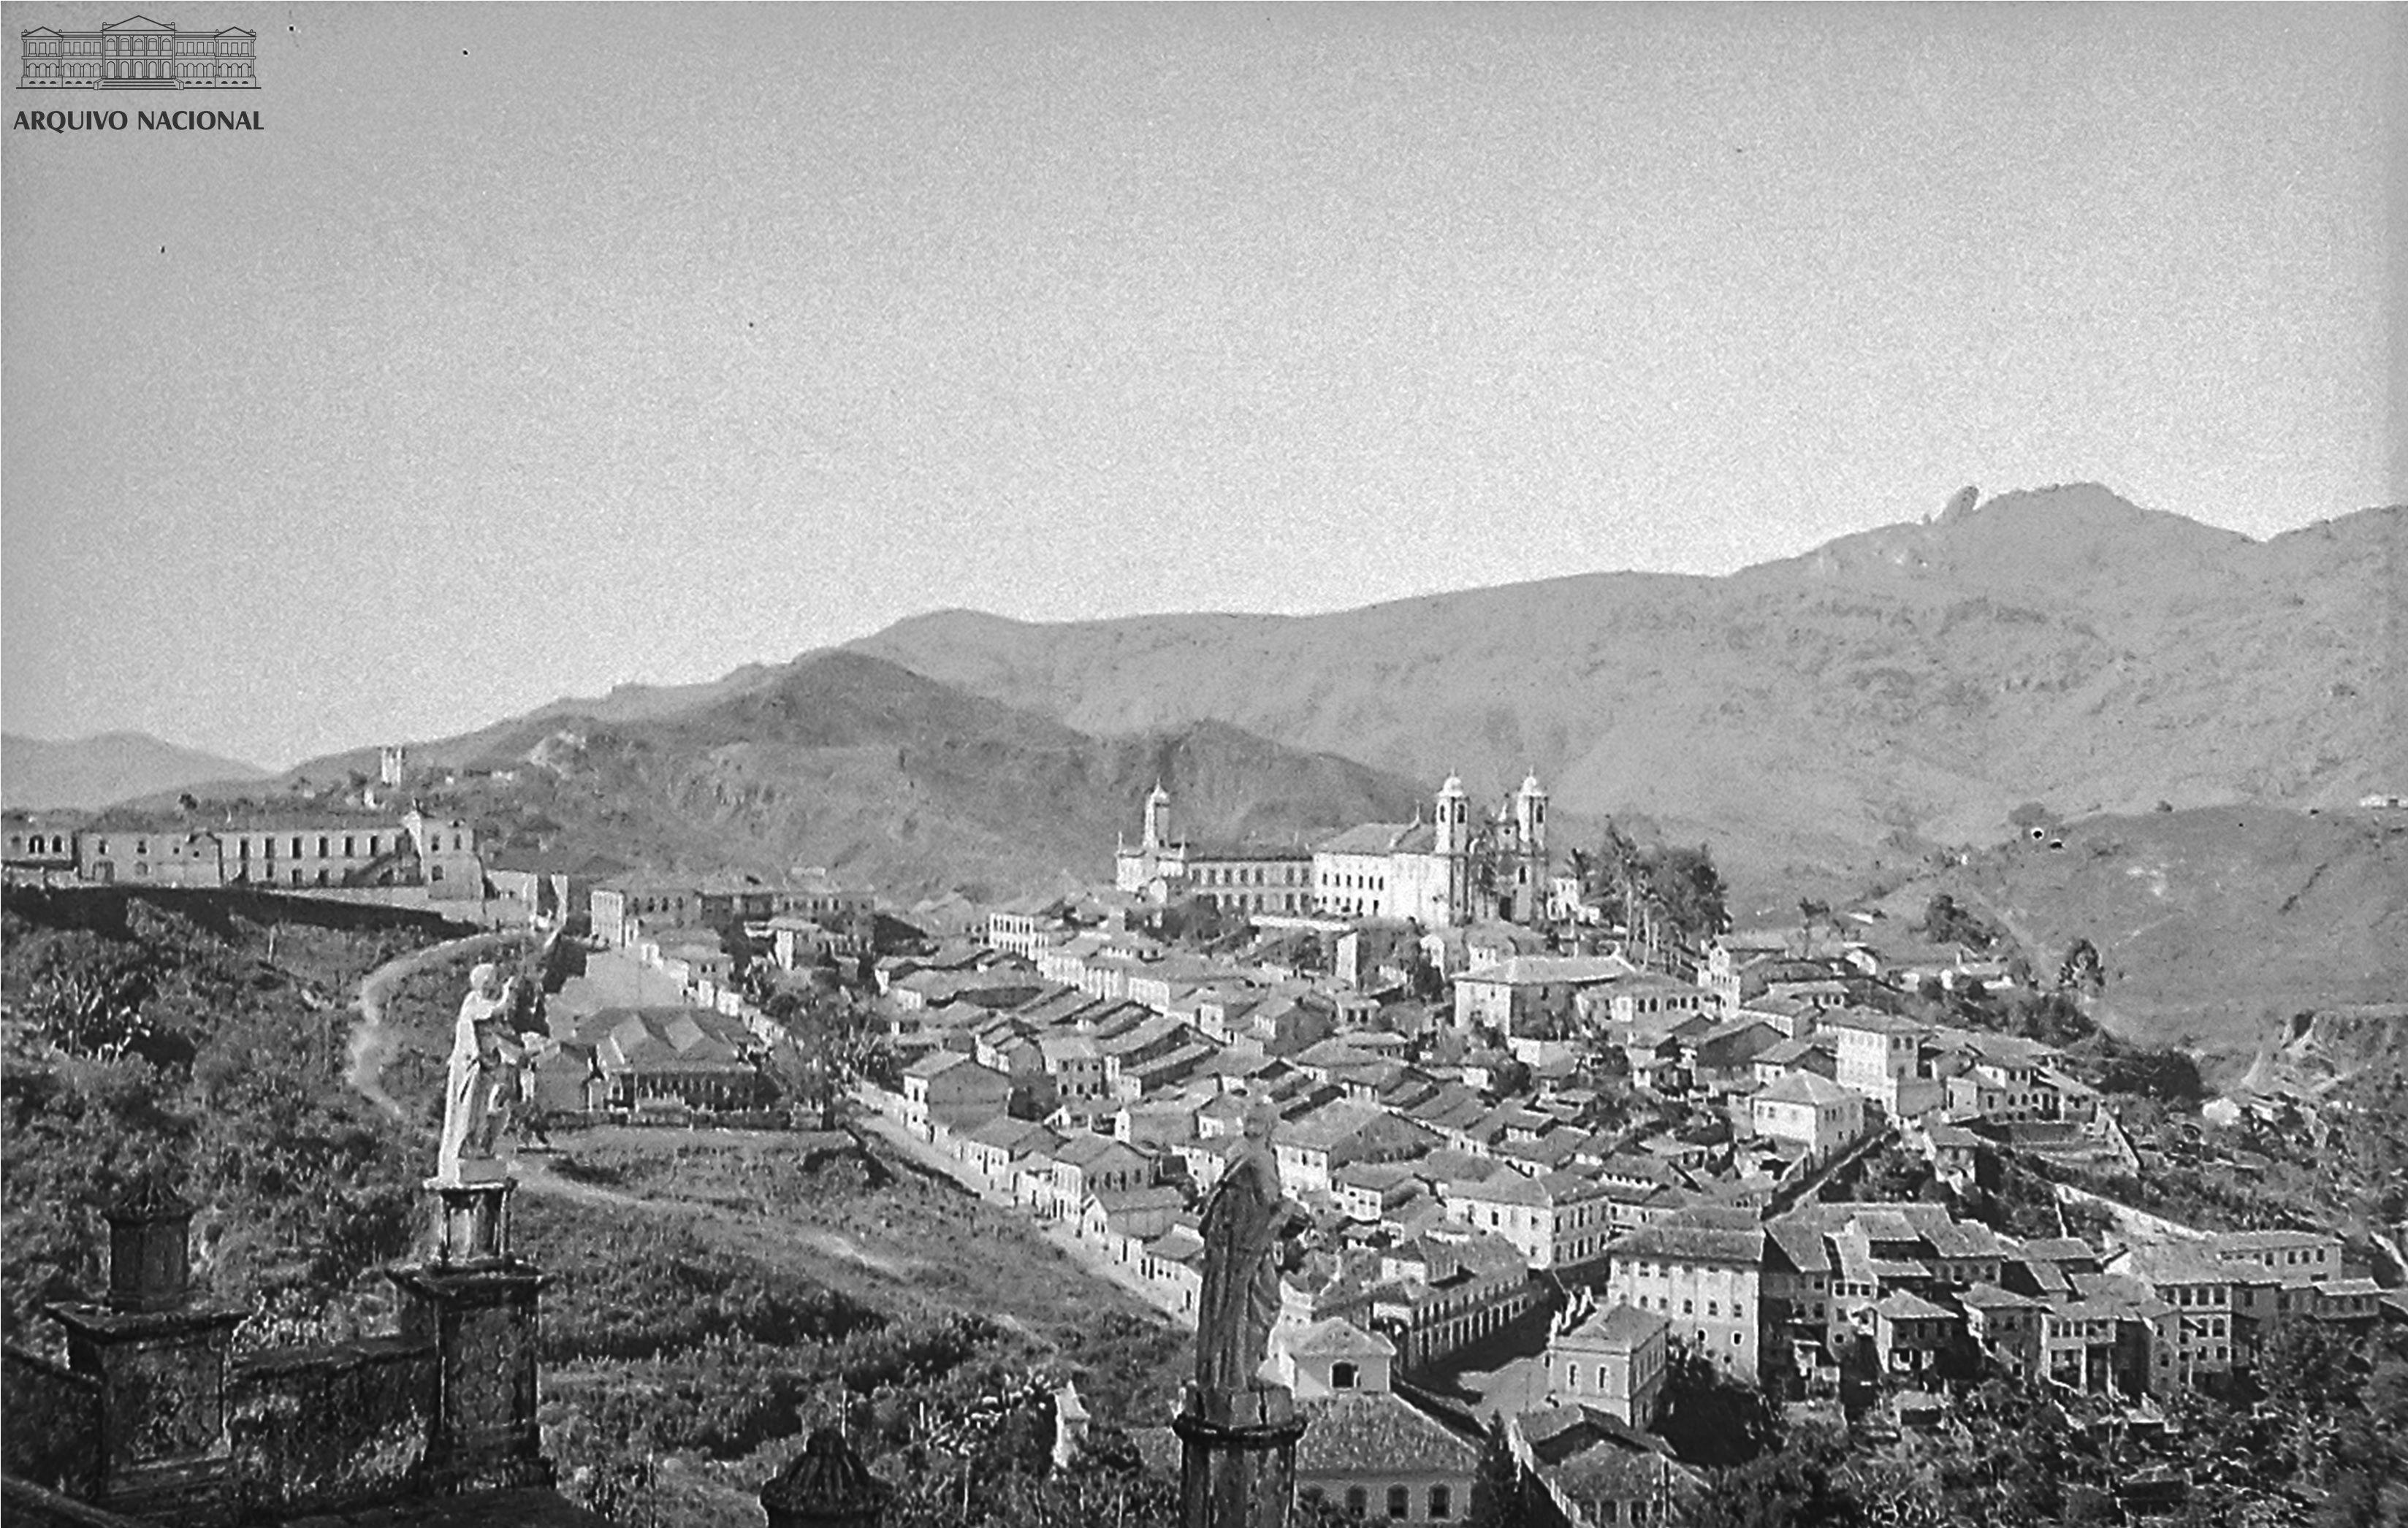 Vista De Ouro Preto Minas Gerais 1939 Arquivo Nacional Fundo